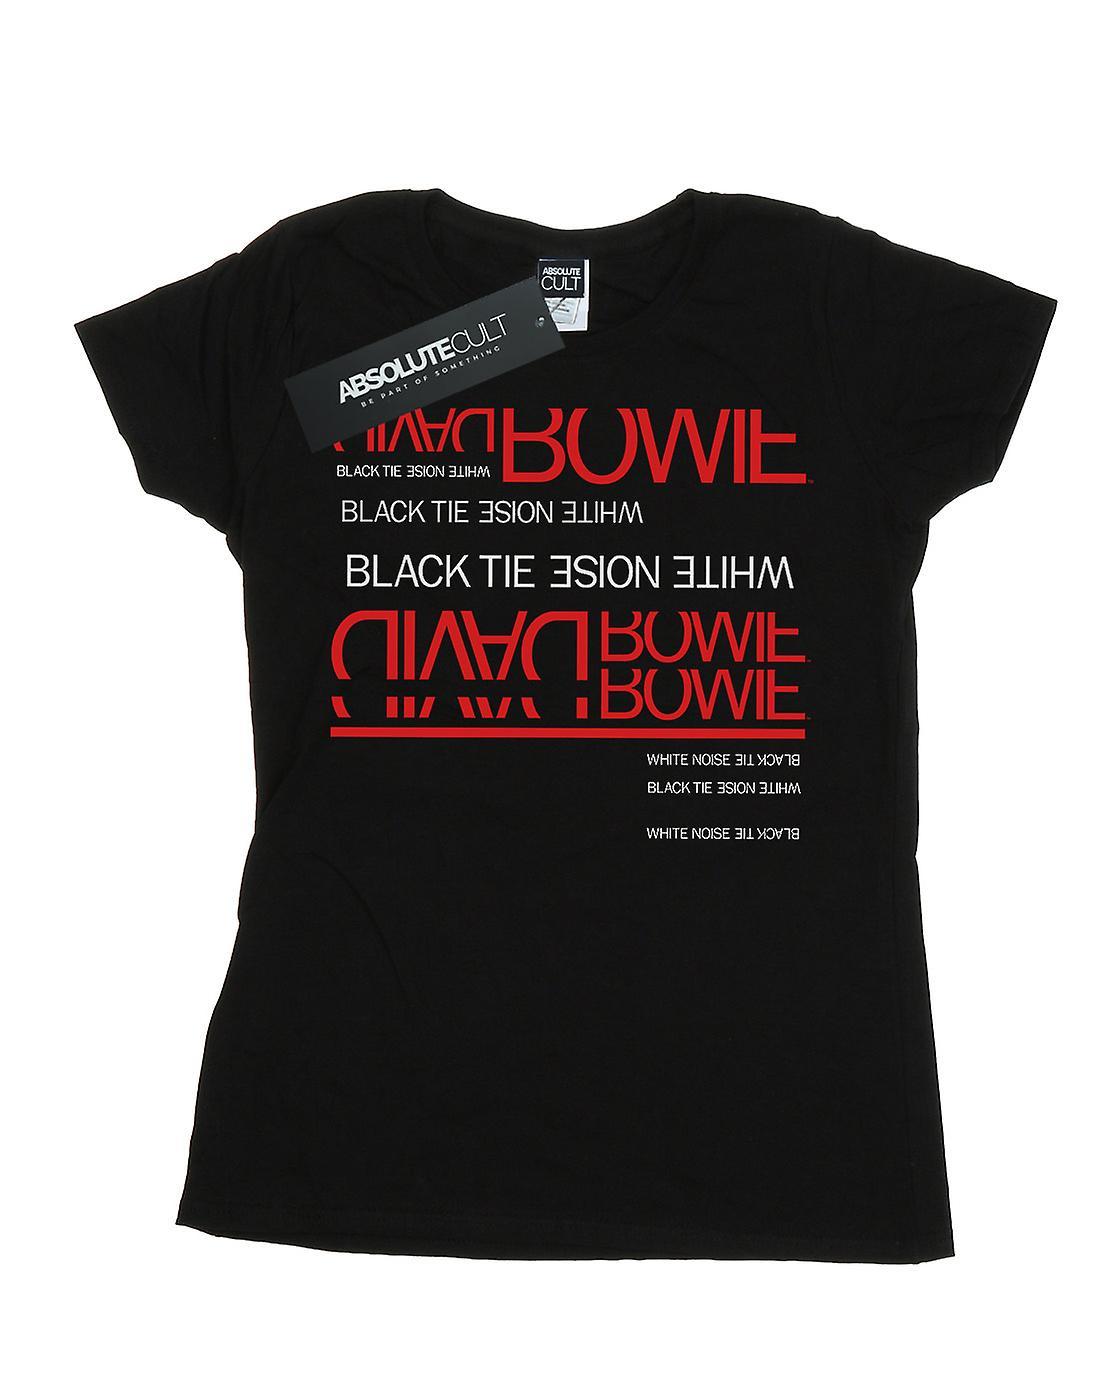 David Bowie Women's Black Tie White Noise T-Shirt